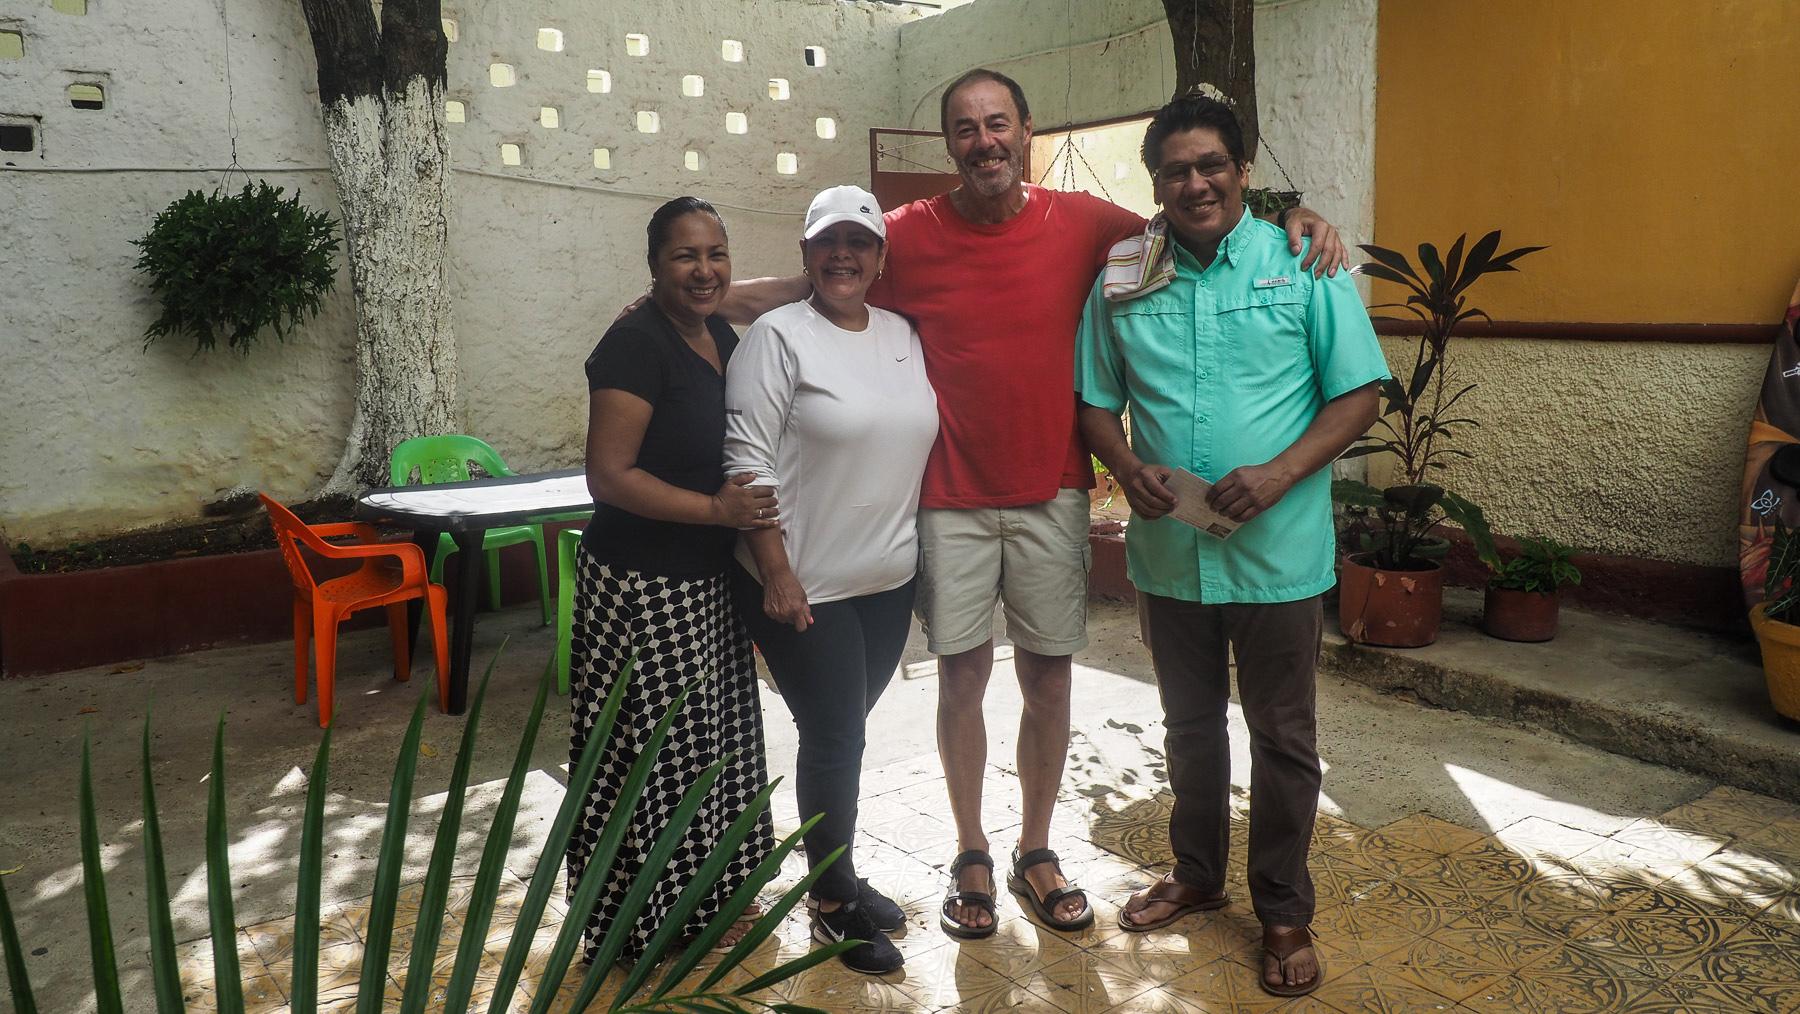 Schwerer Abschied von Jorge und Marsela, wir wurden so herzlich aufgenommen in der Familie